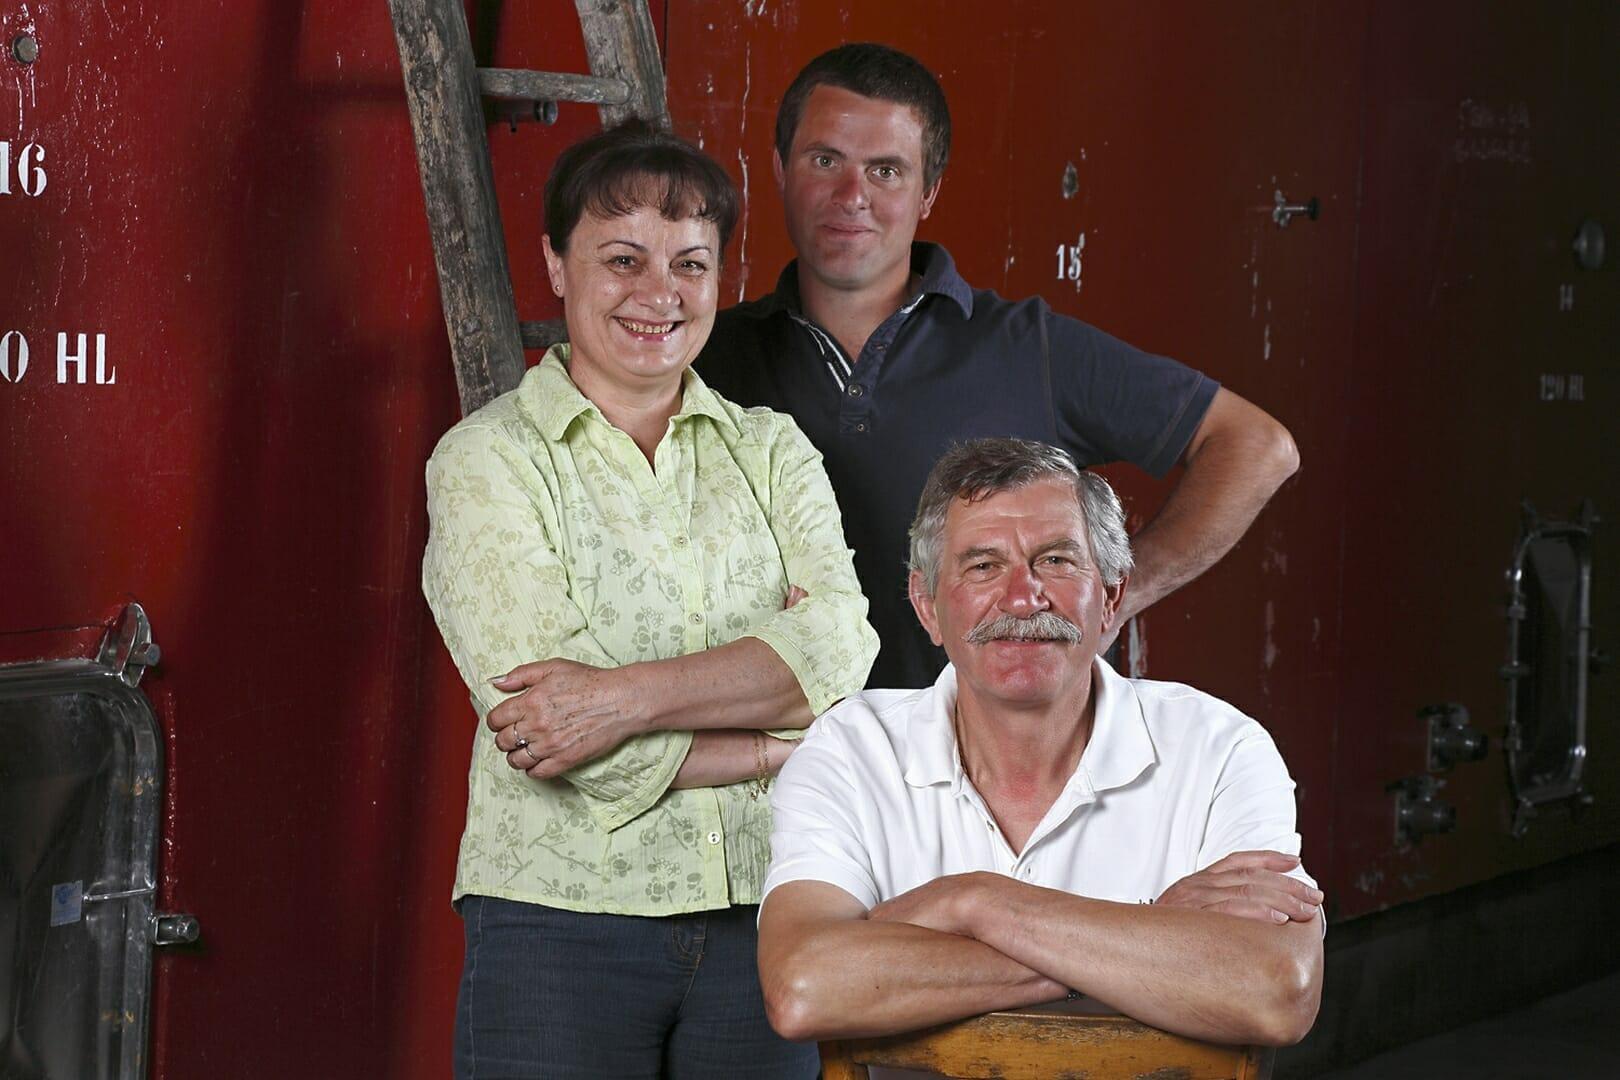 Domaine BRUNEAU Yvan Ghislaine et Damien Saint Nicolas de Bourgueil